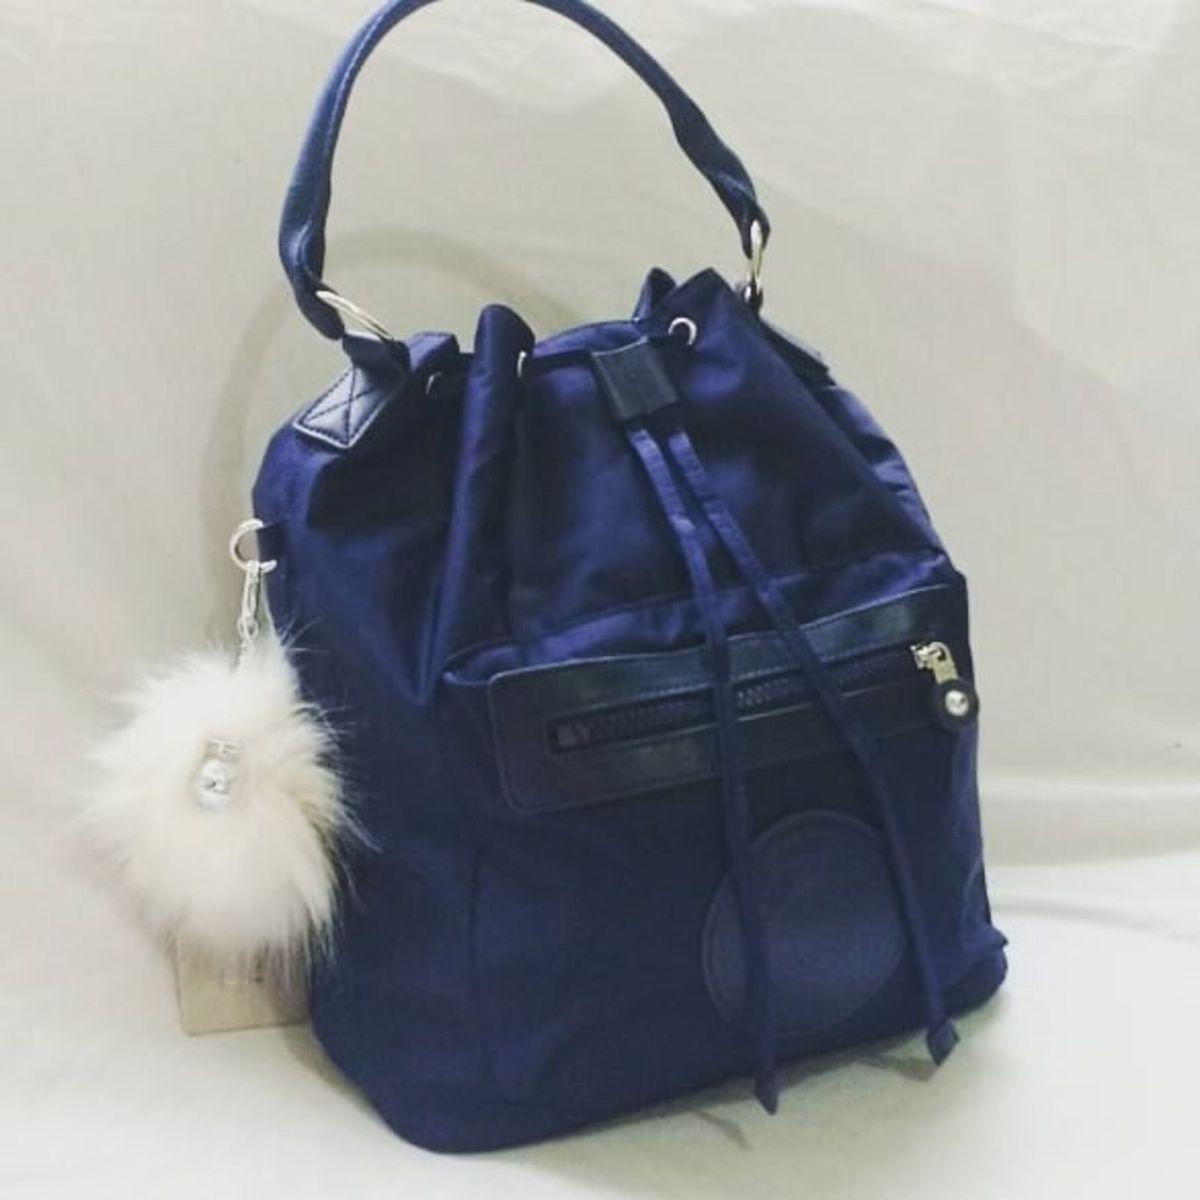 ed2cde590 Bolsa 3 em 1 Kipling Violet Azul Marinho | Bolsa de mão Feminina ...